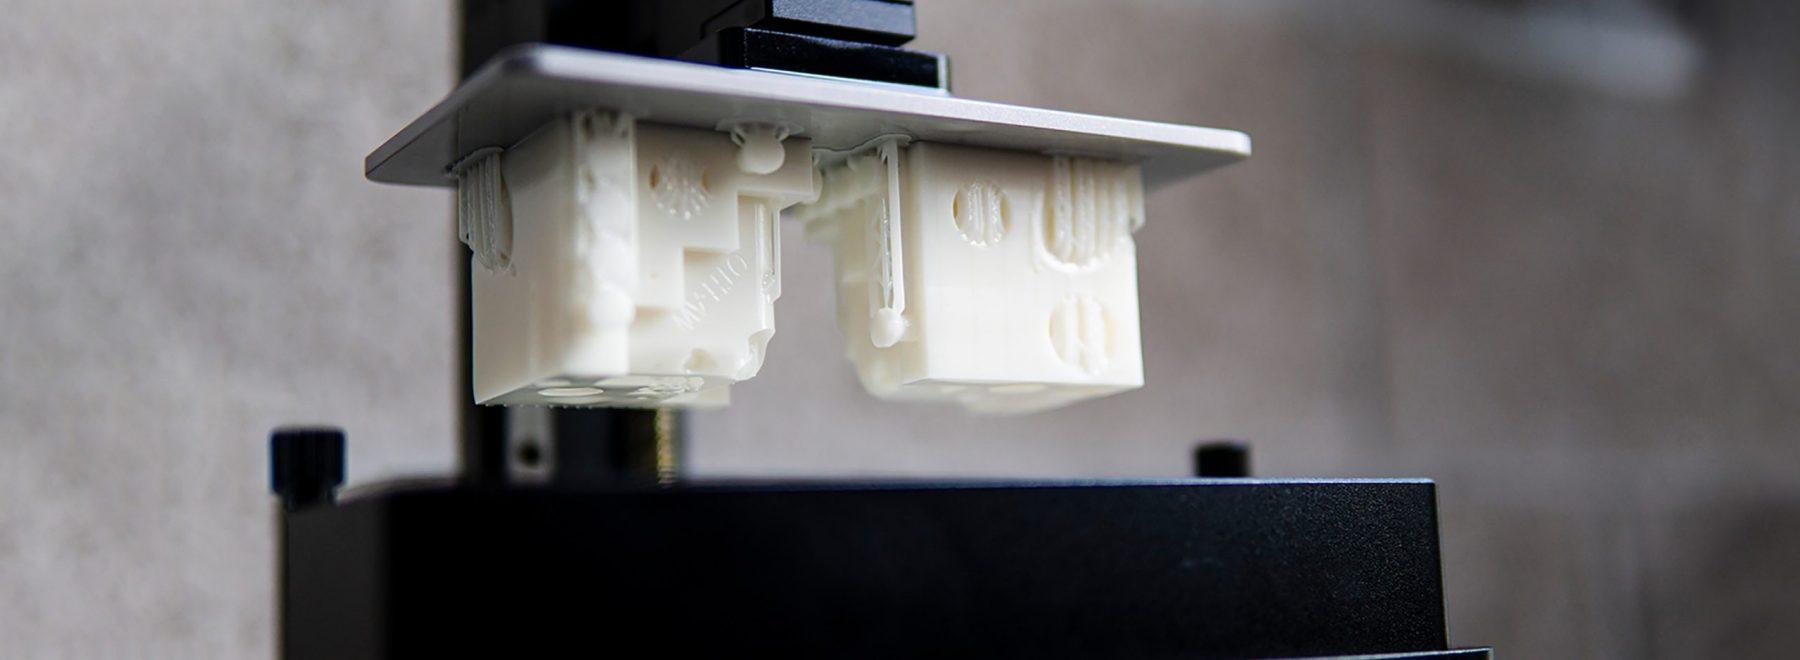 Das Bild zeigt einen 3D-Drucker. Dieser findet Einsatz im Teilbereich Digitale Produktion / Industrie 4.0.